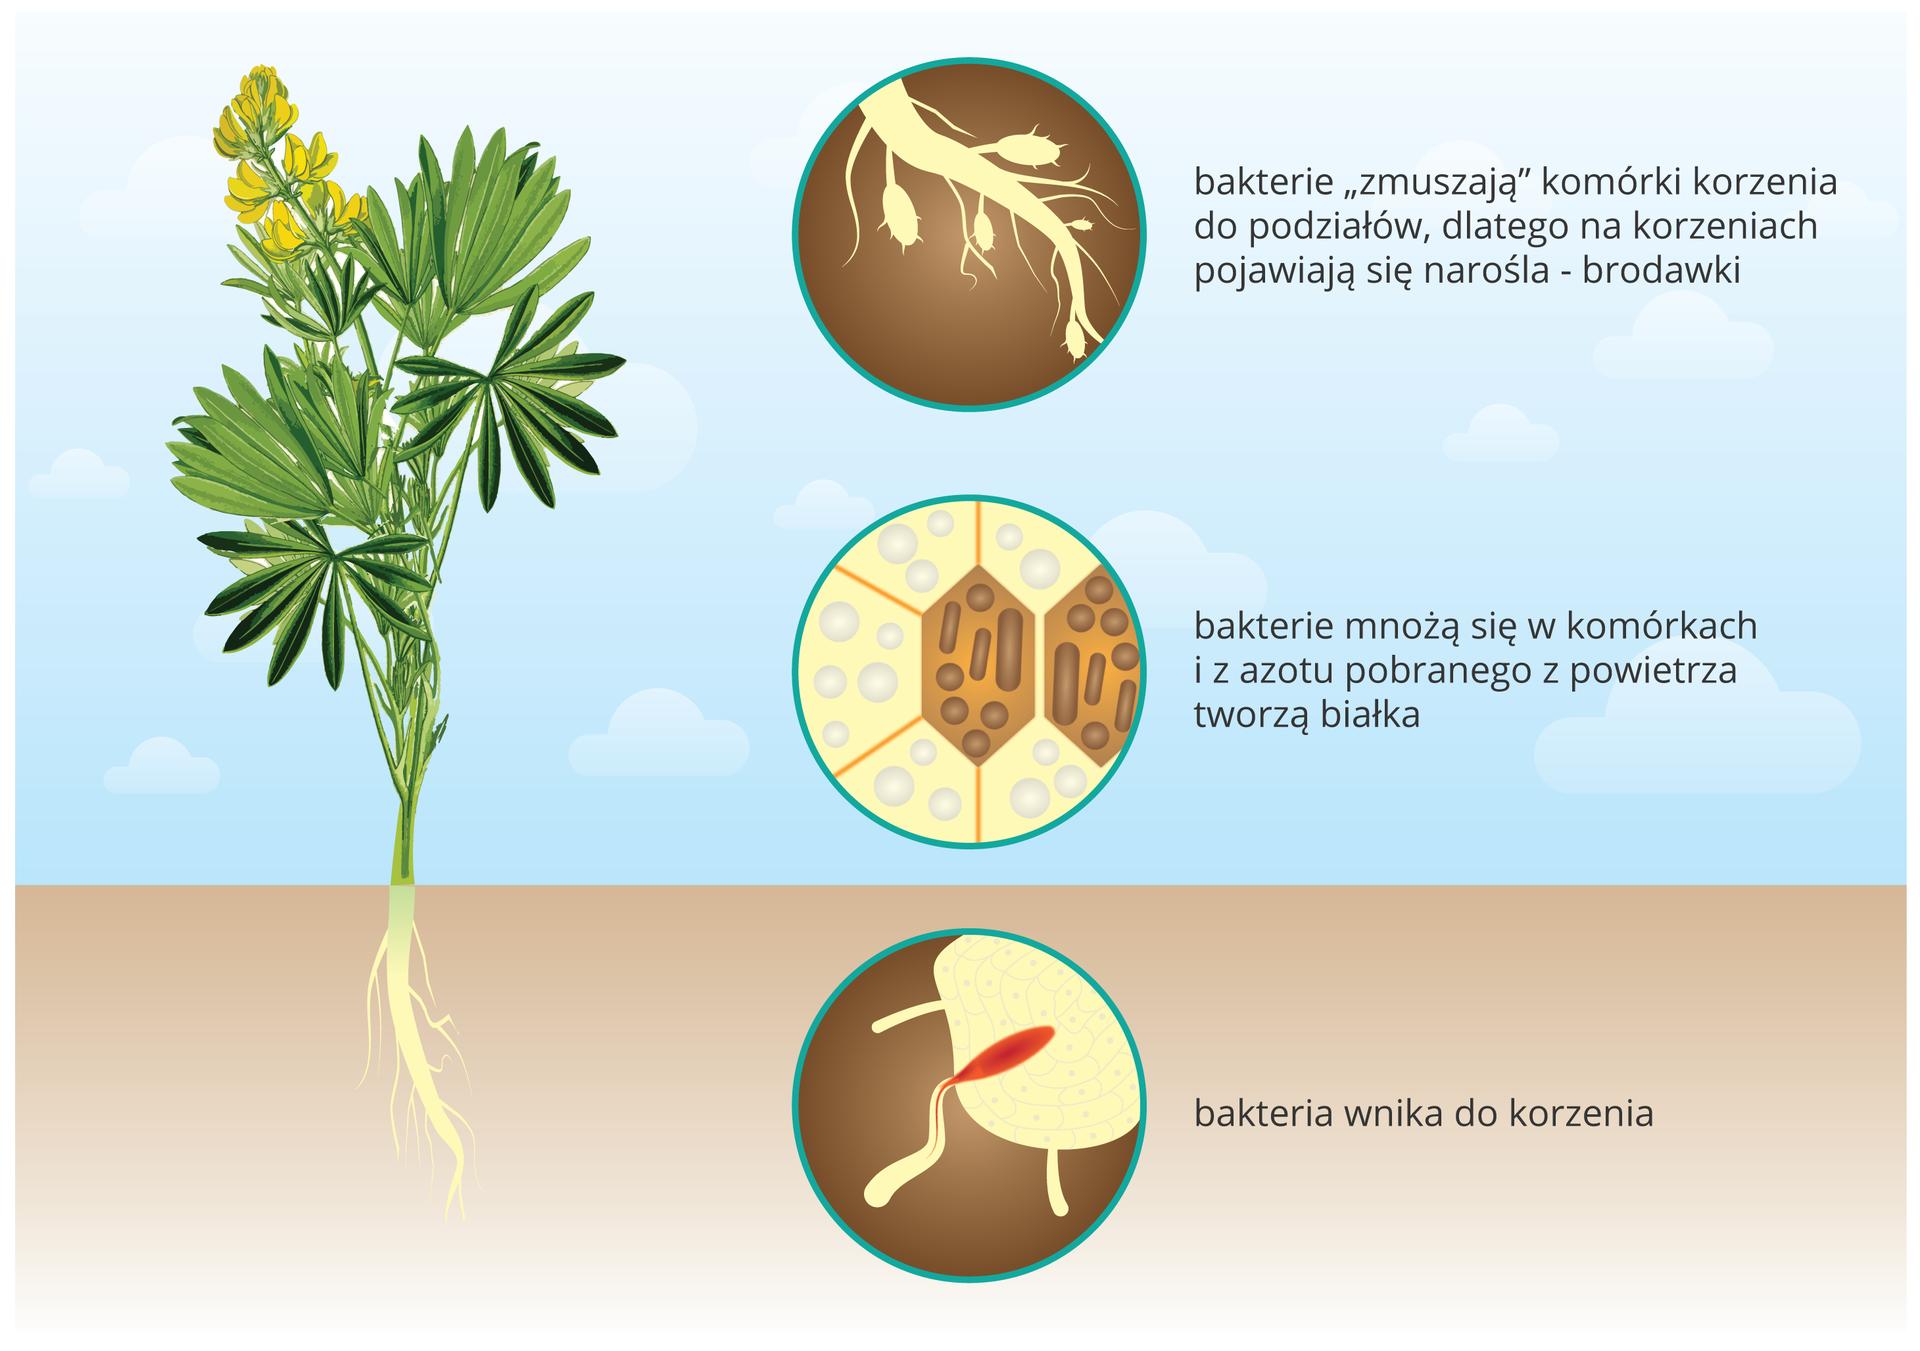 Ilustracja przedstawia po lewej roślinę łubinu zzielonymi liśćmi, żółtymi kwiatami ibiałymi korzeniami. Po prawej wpionie są trzy koła zopisami. Ugóry na brązowym tle narysowano biały fragment korzenia ze zgrubieniami. Są to tak zwane brodawki, wktórych żyją bakterie. Środkowe koło przedstawia wielokątne, pomarańczowe komórki korzenia, wdwóch znich znajdują się szaro brązowe bakterie brodawkowe. Pobierają one azot zpowietrza ibudują zniego białka. Dolne kółko przedstawia na brązowym tle biały fragment korzenia, do którego wnika czerwona, podłużna bakteria